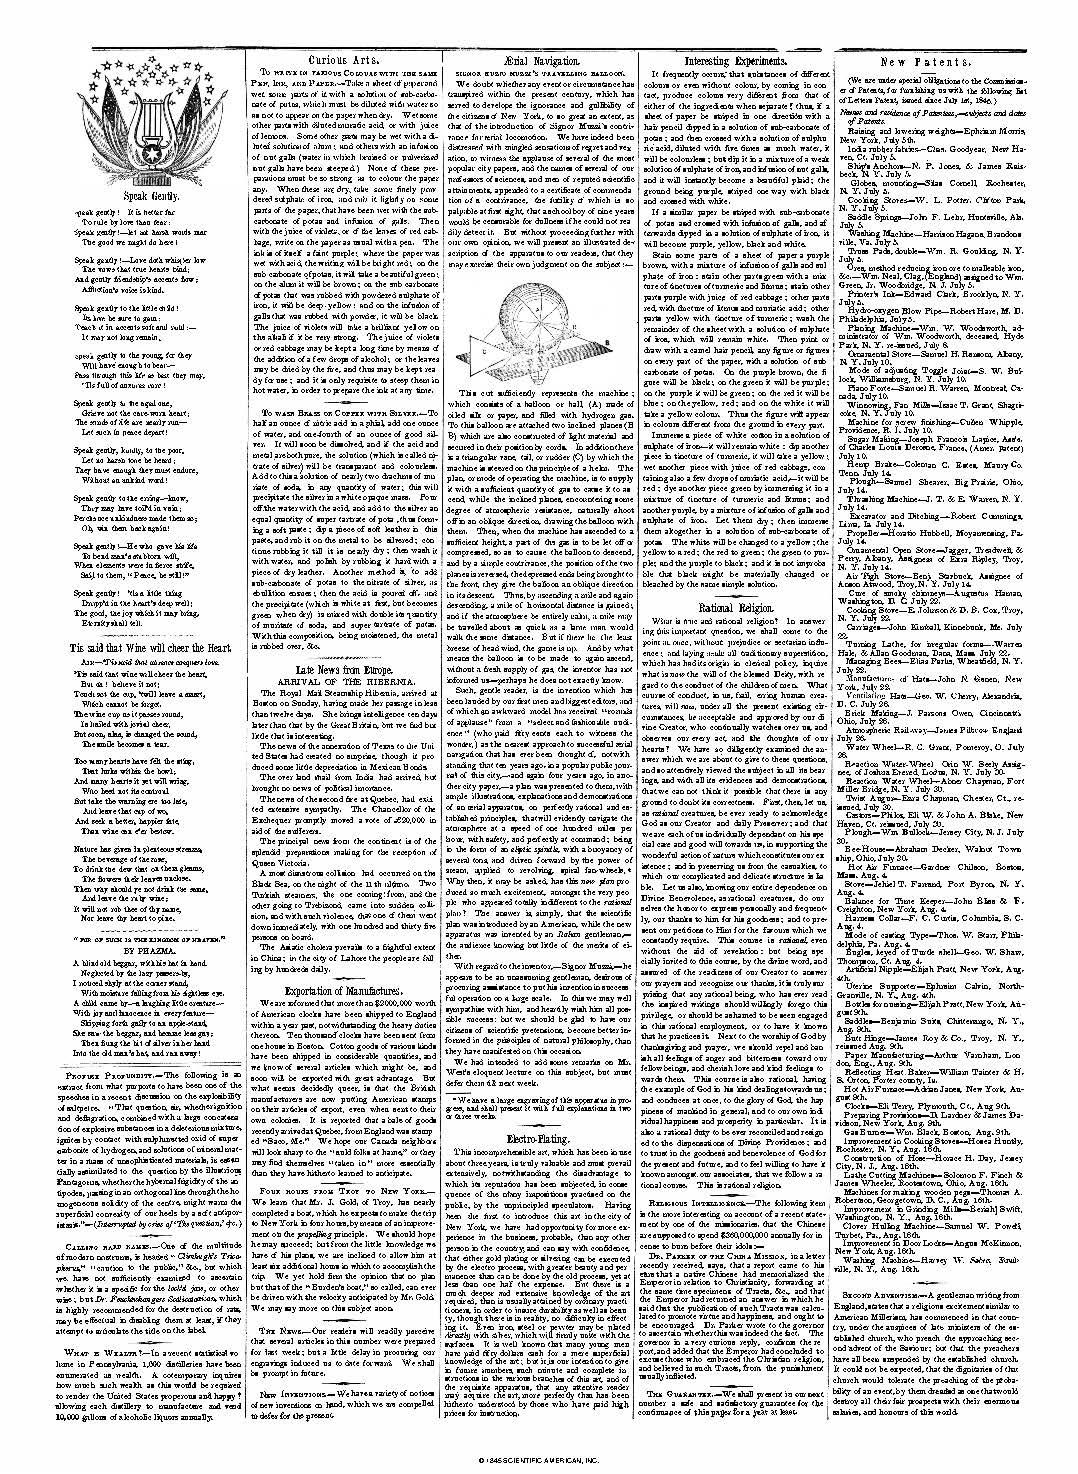 Facsimile of page 3